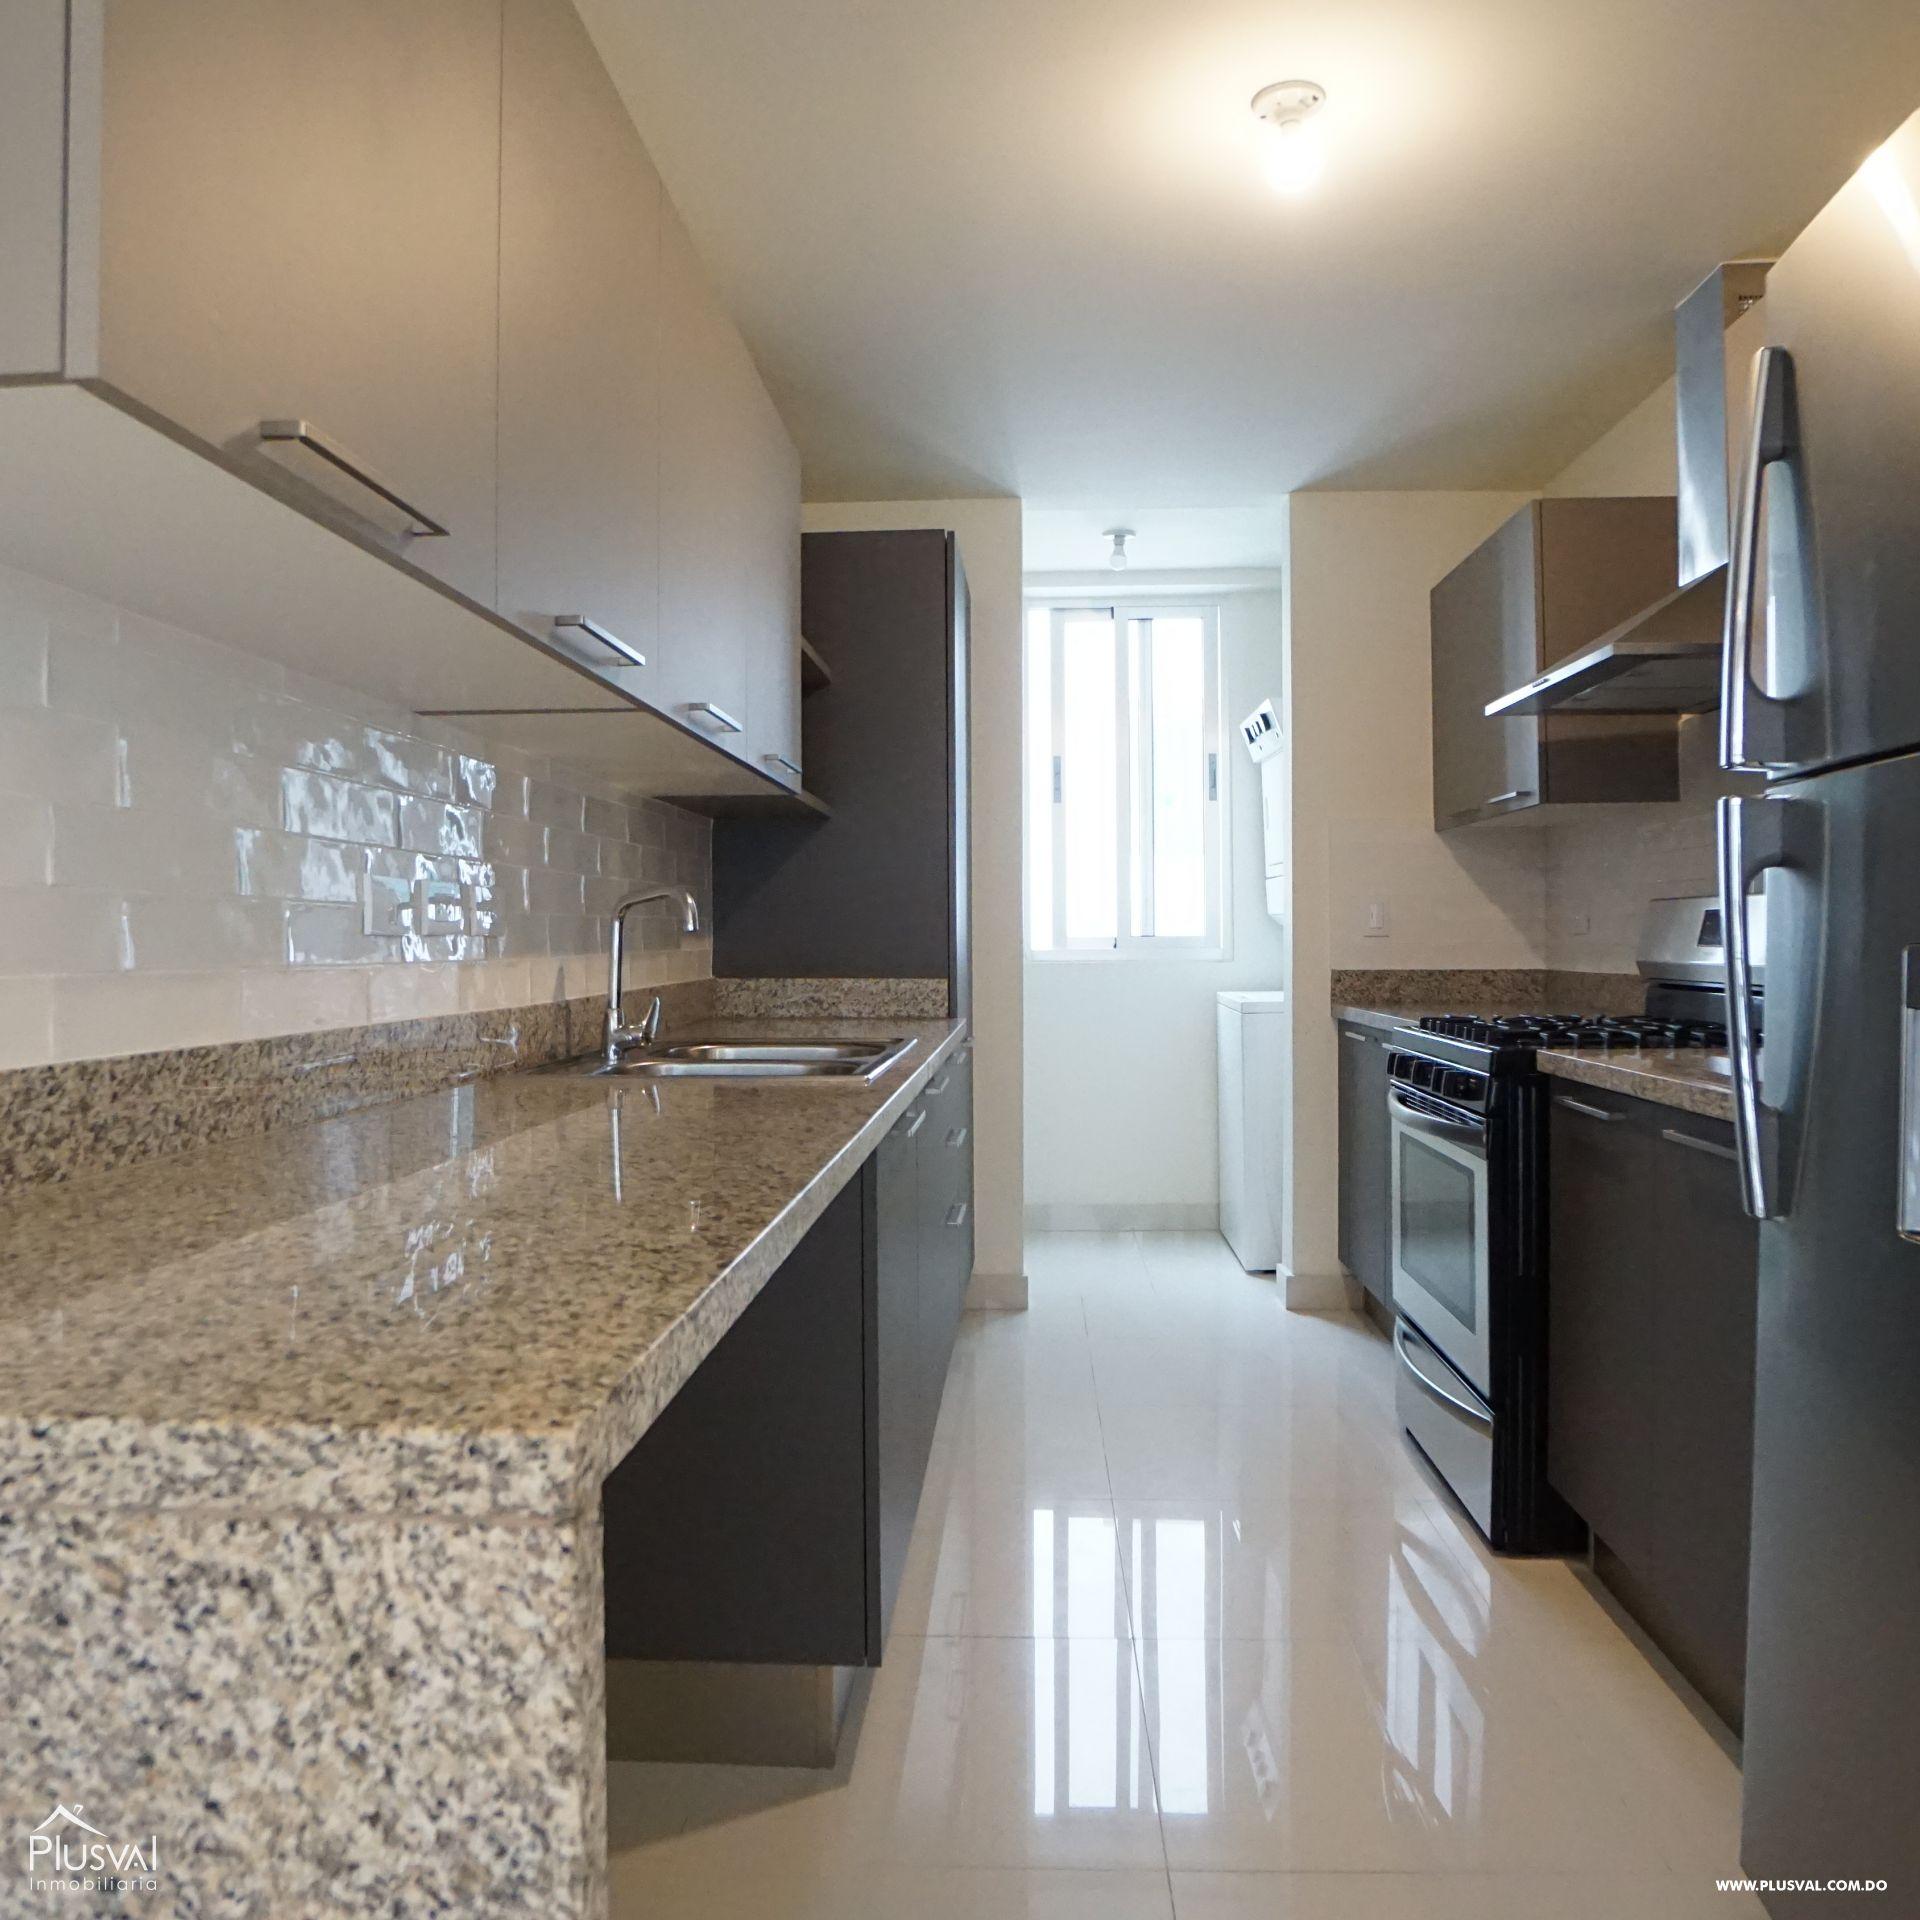 Apartamento de 2 habitaciones con linea blanca en alquiler